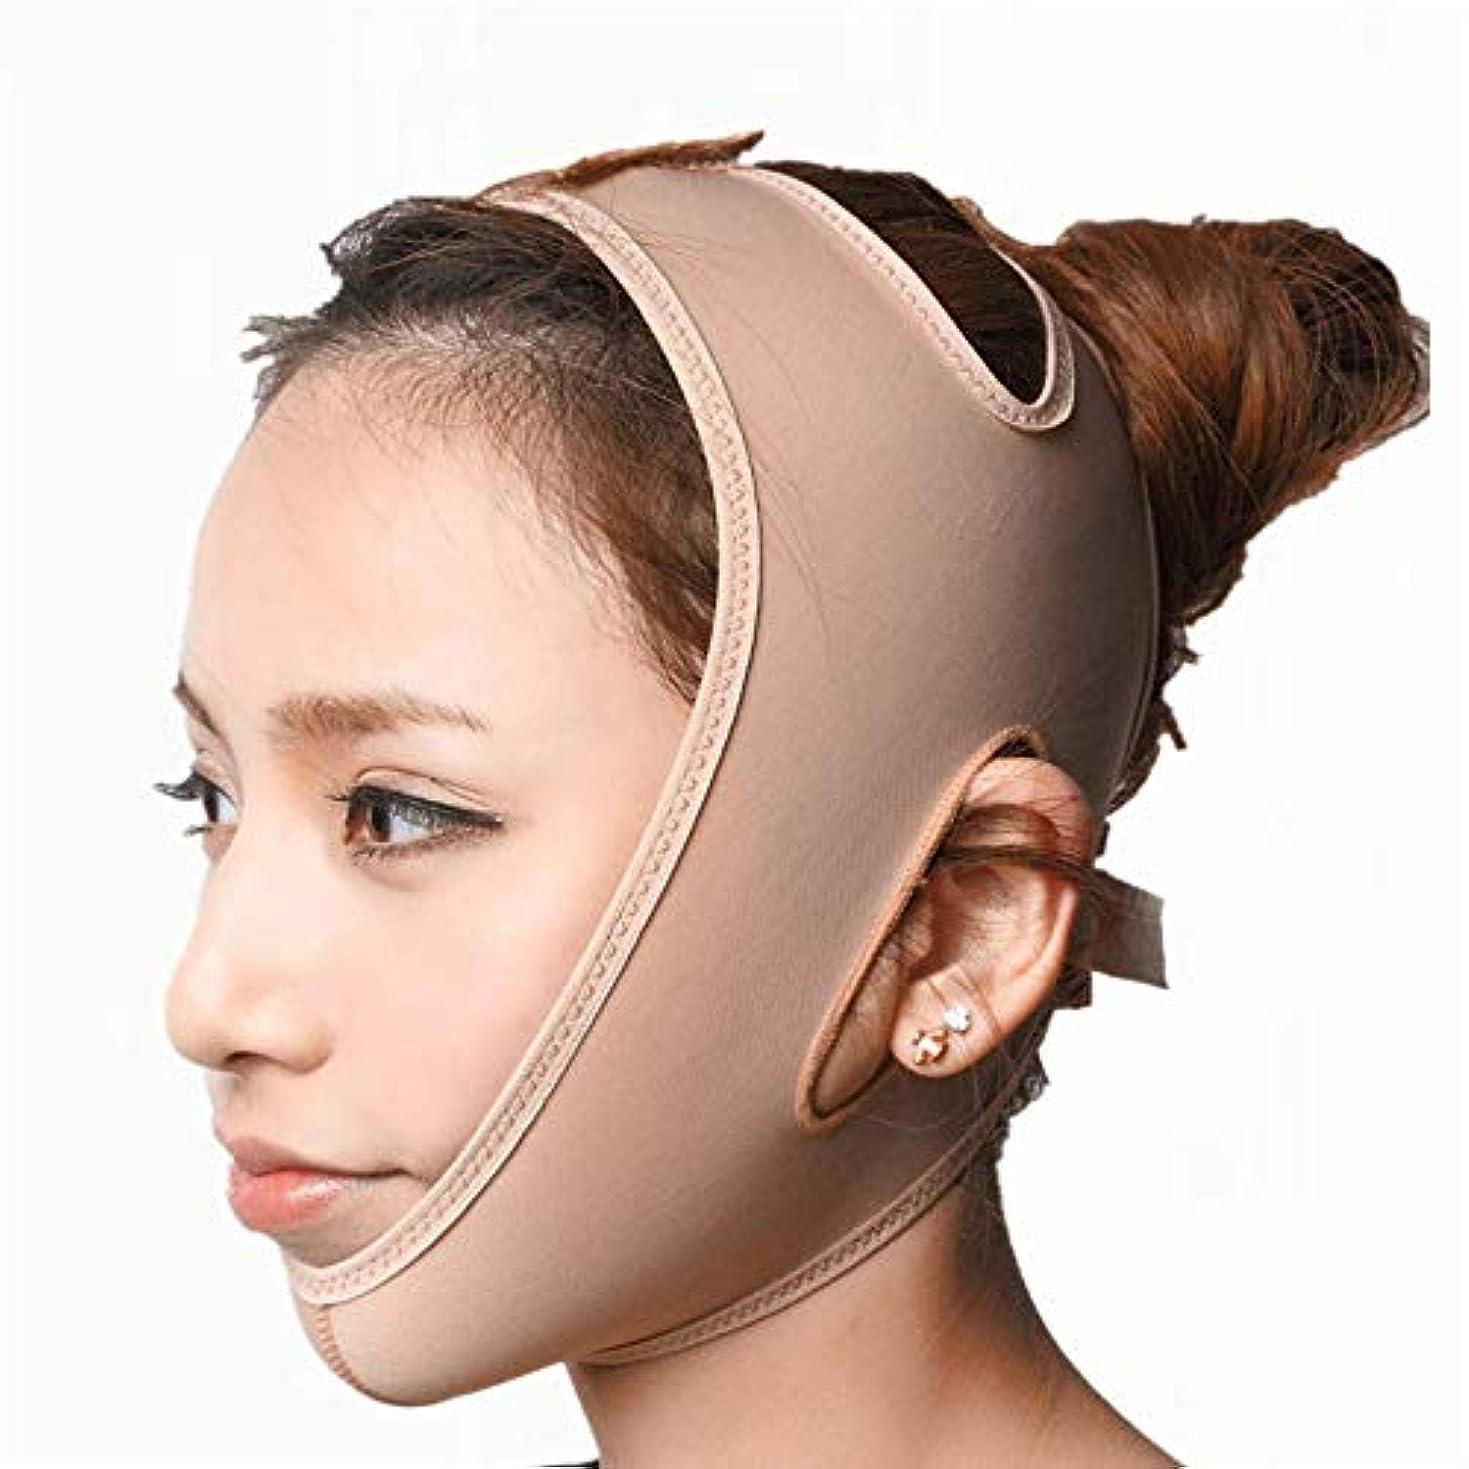 キャストボイコット特許薄い顔ベルト薄い顔アーティファクトVフェイス包帯マスクフェイシャルマッサージシンダブルチンデバイス